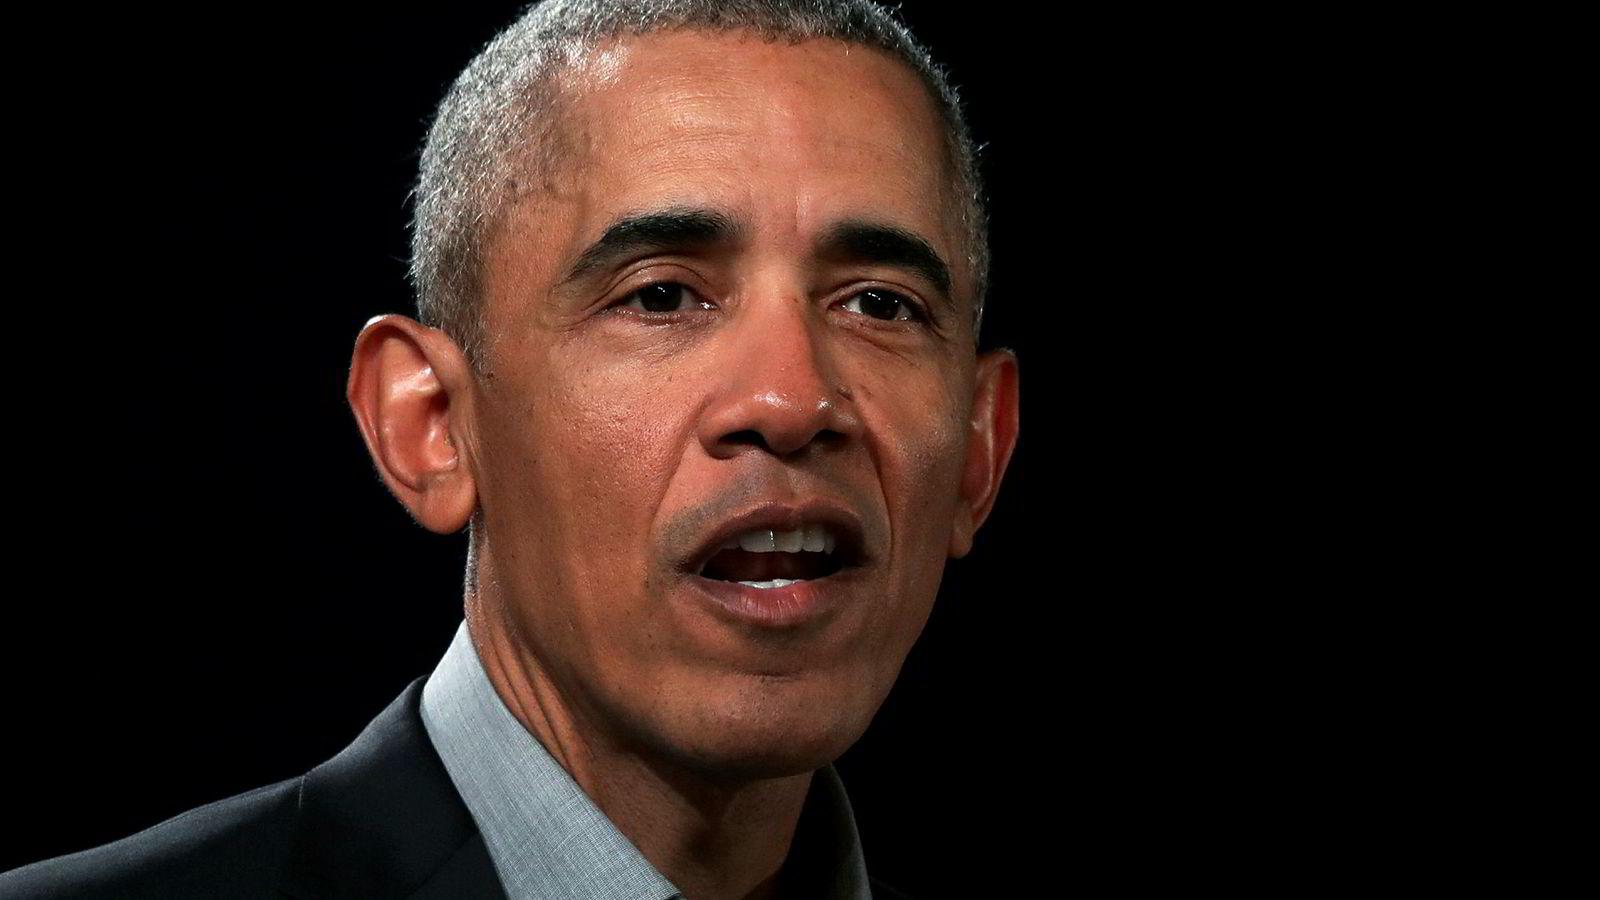 Tidligere president Barack Obama kritiserer ledere som nører opp under frykt, hat og rasisme.